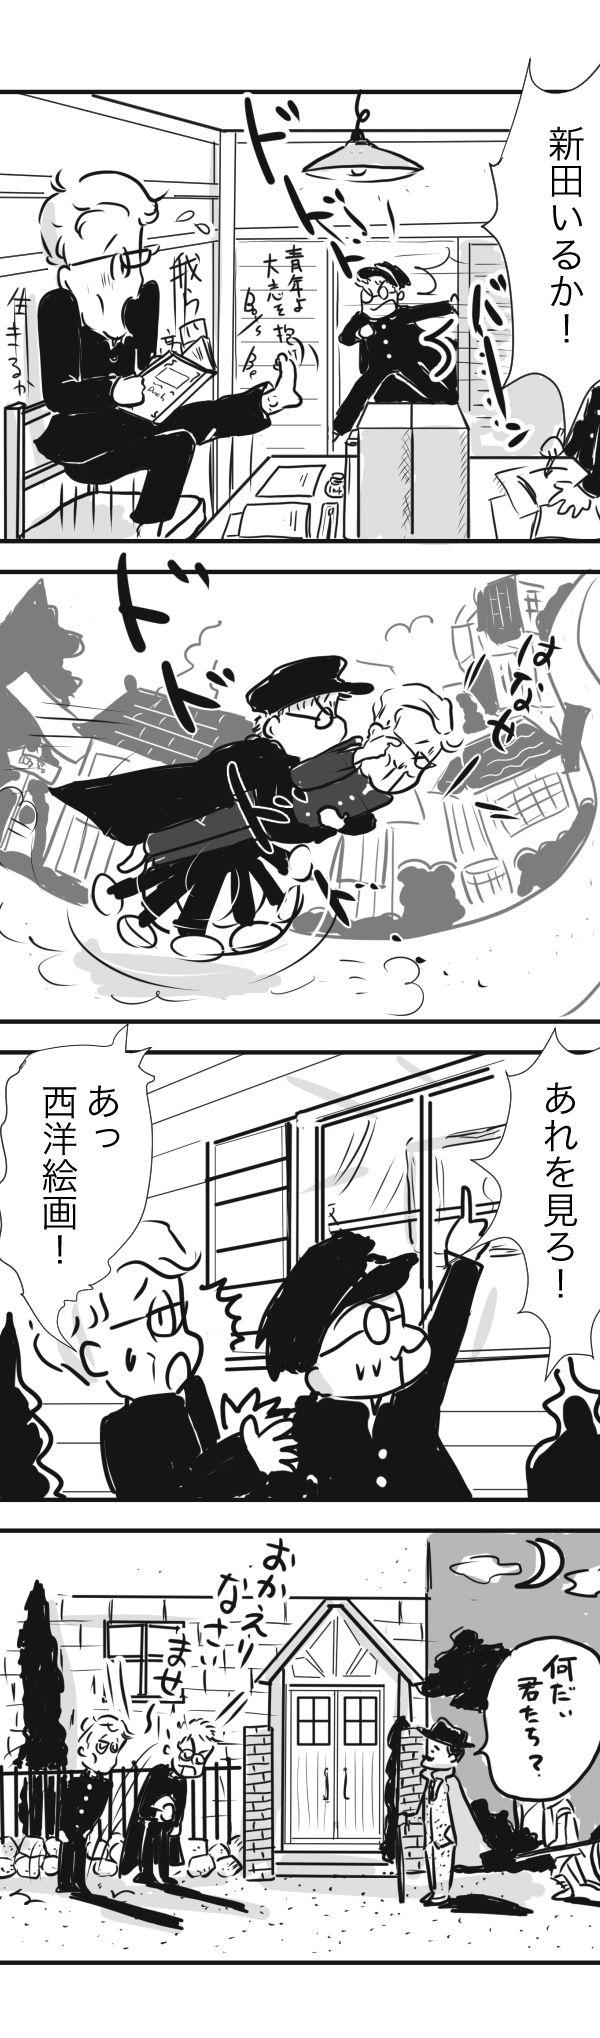 金沢7−1−3